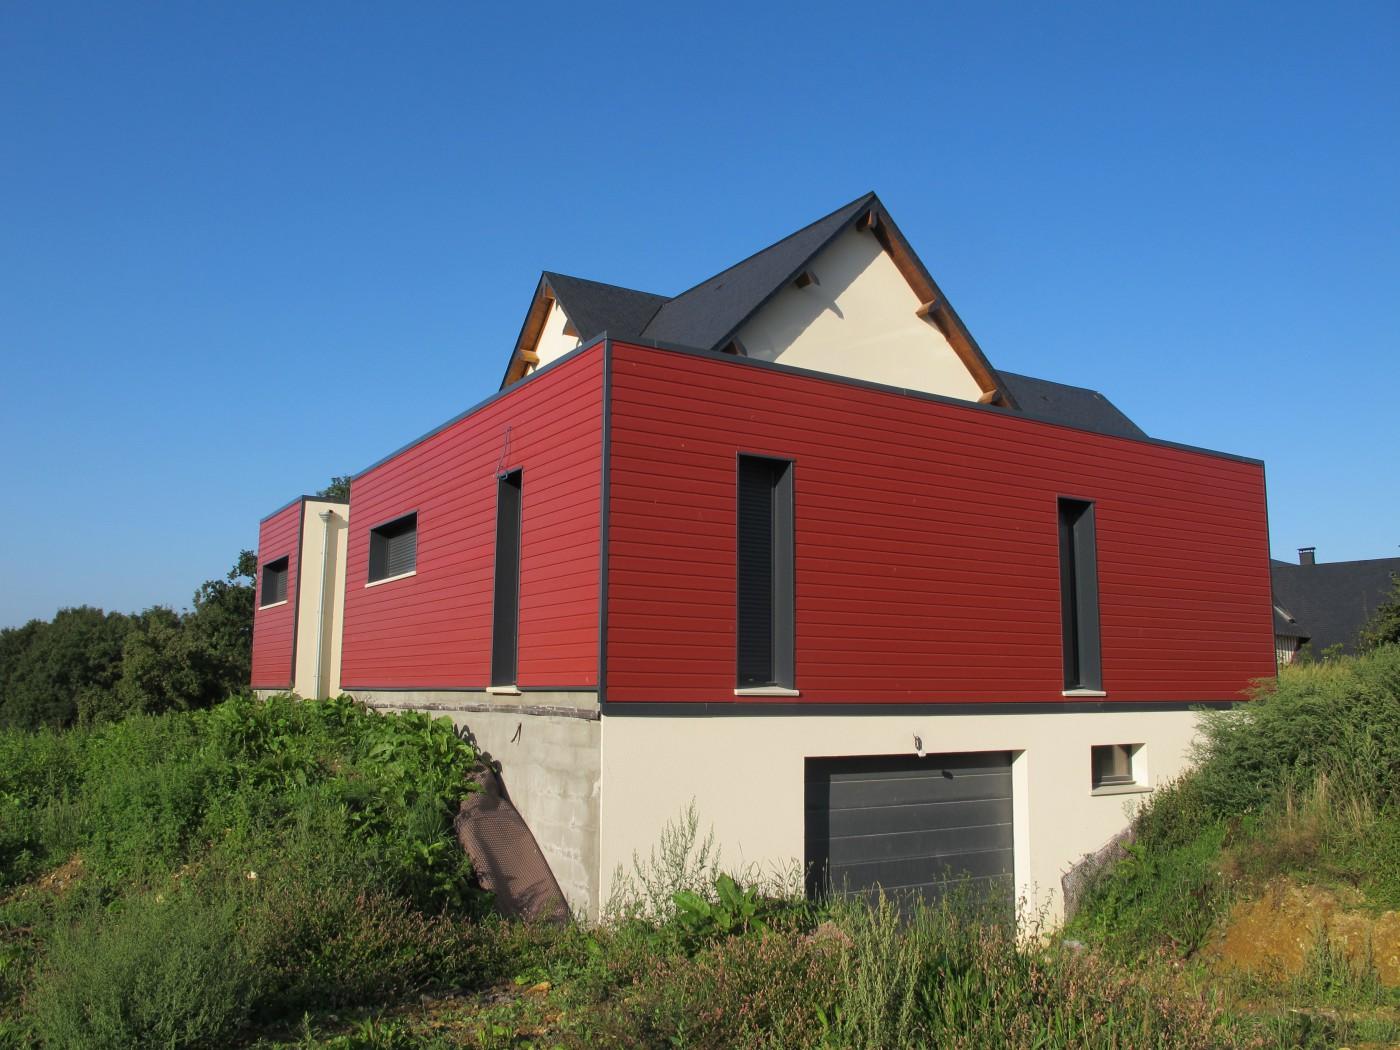 Bardage rouge : une peau en volume qui fait chanter la maison.